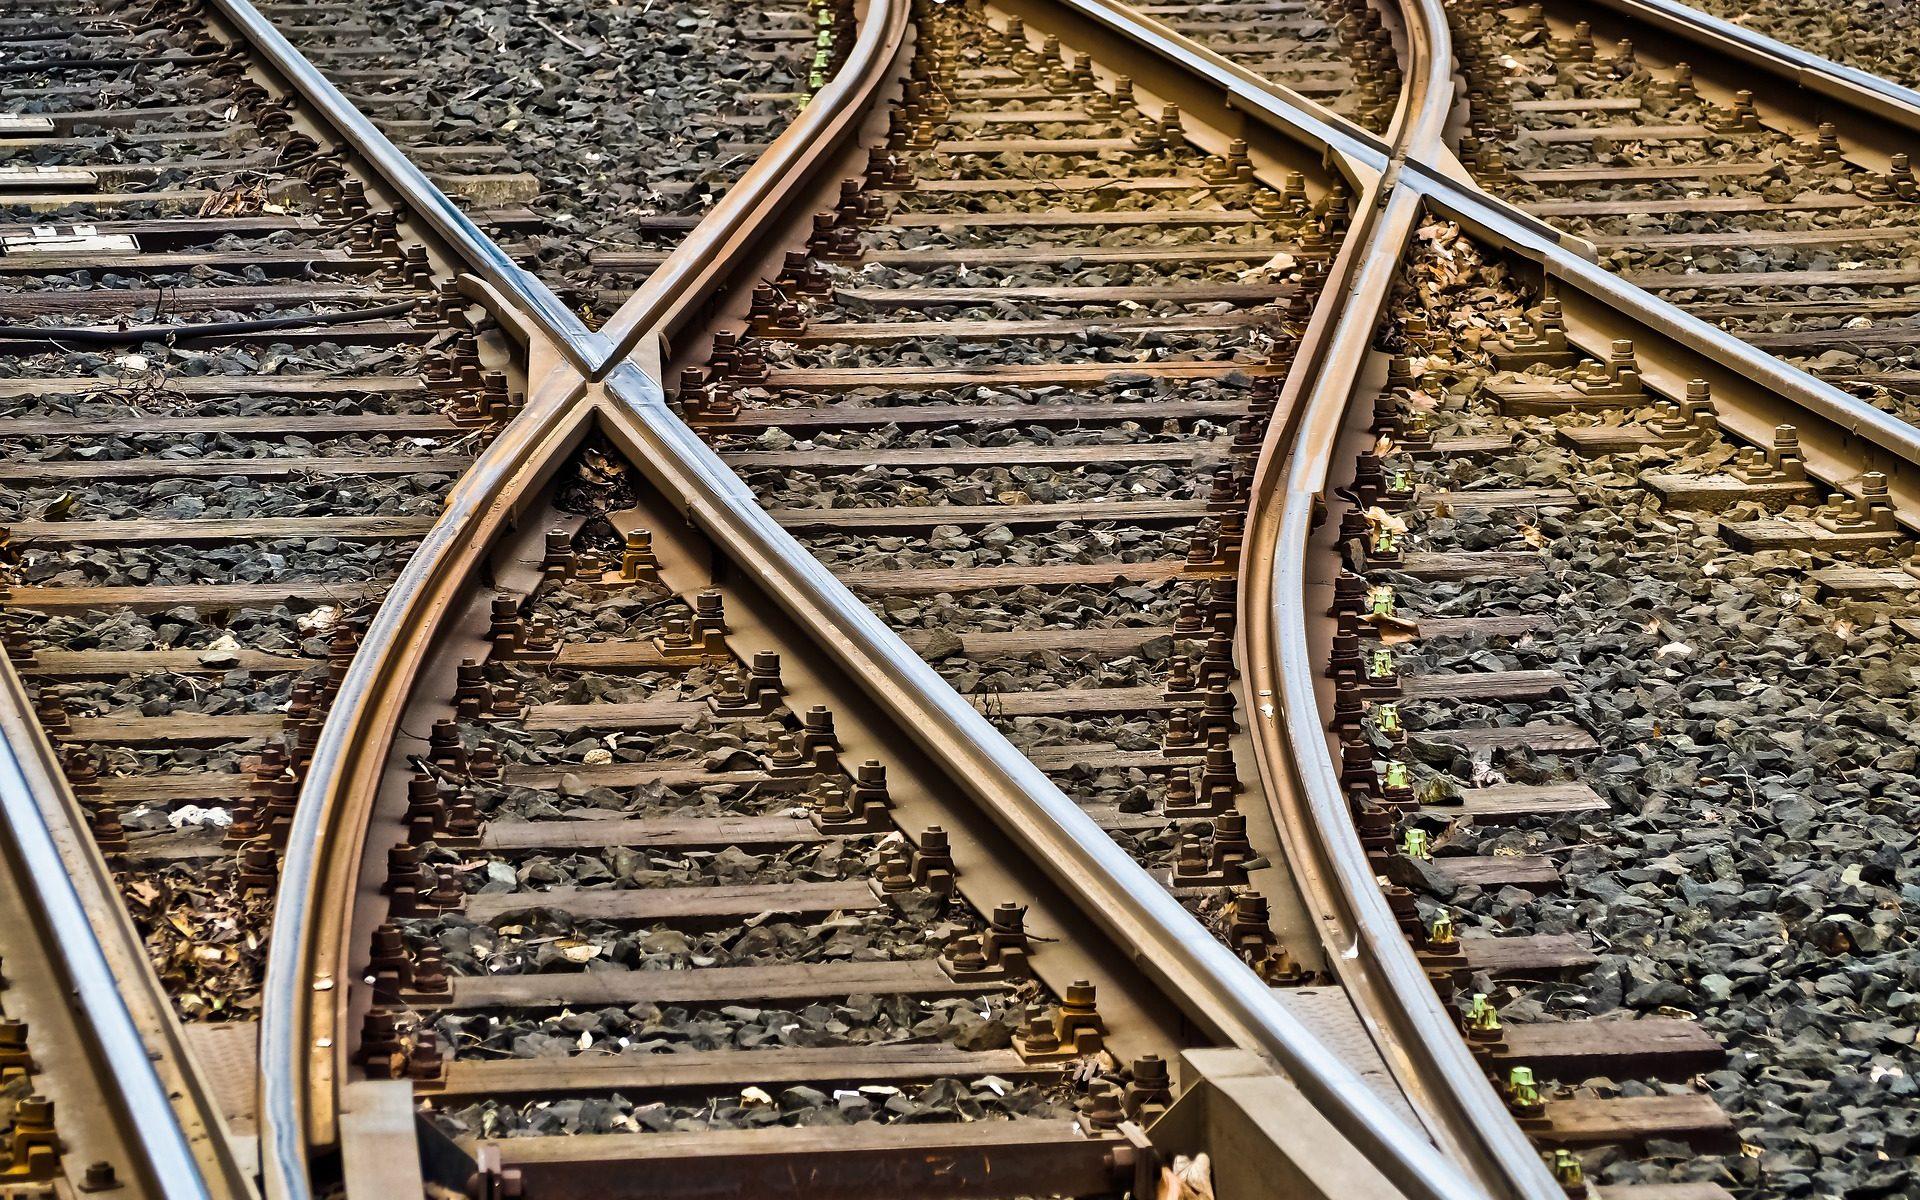 Weichen stellen am Bahnhof-Lebensraumaufstellung-Lebensraumgestaltung Maria Liebig